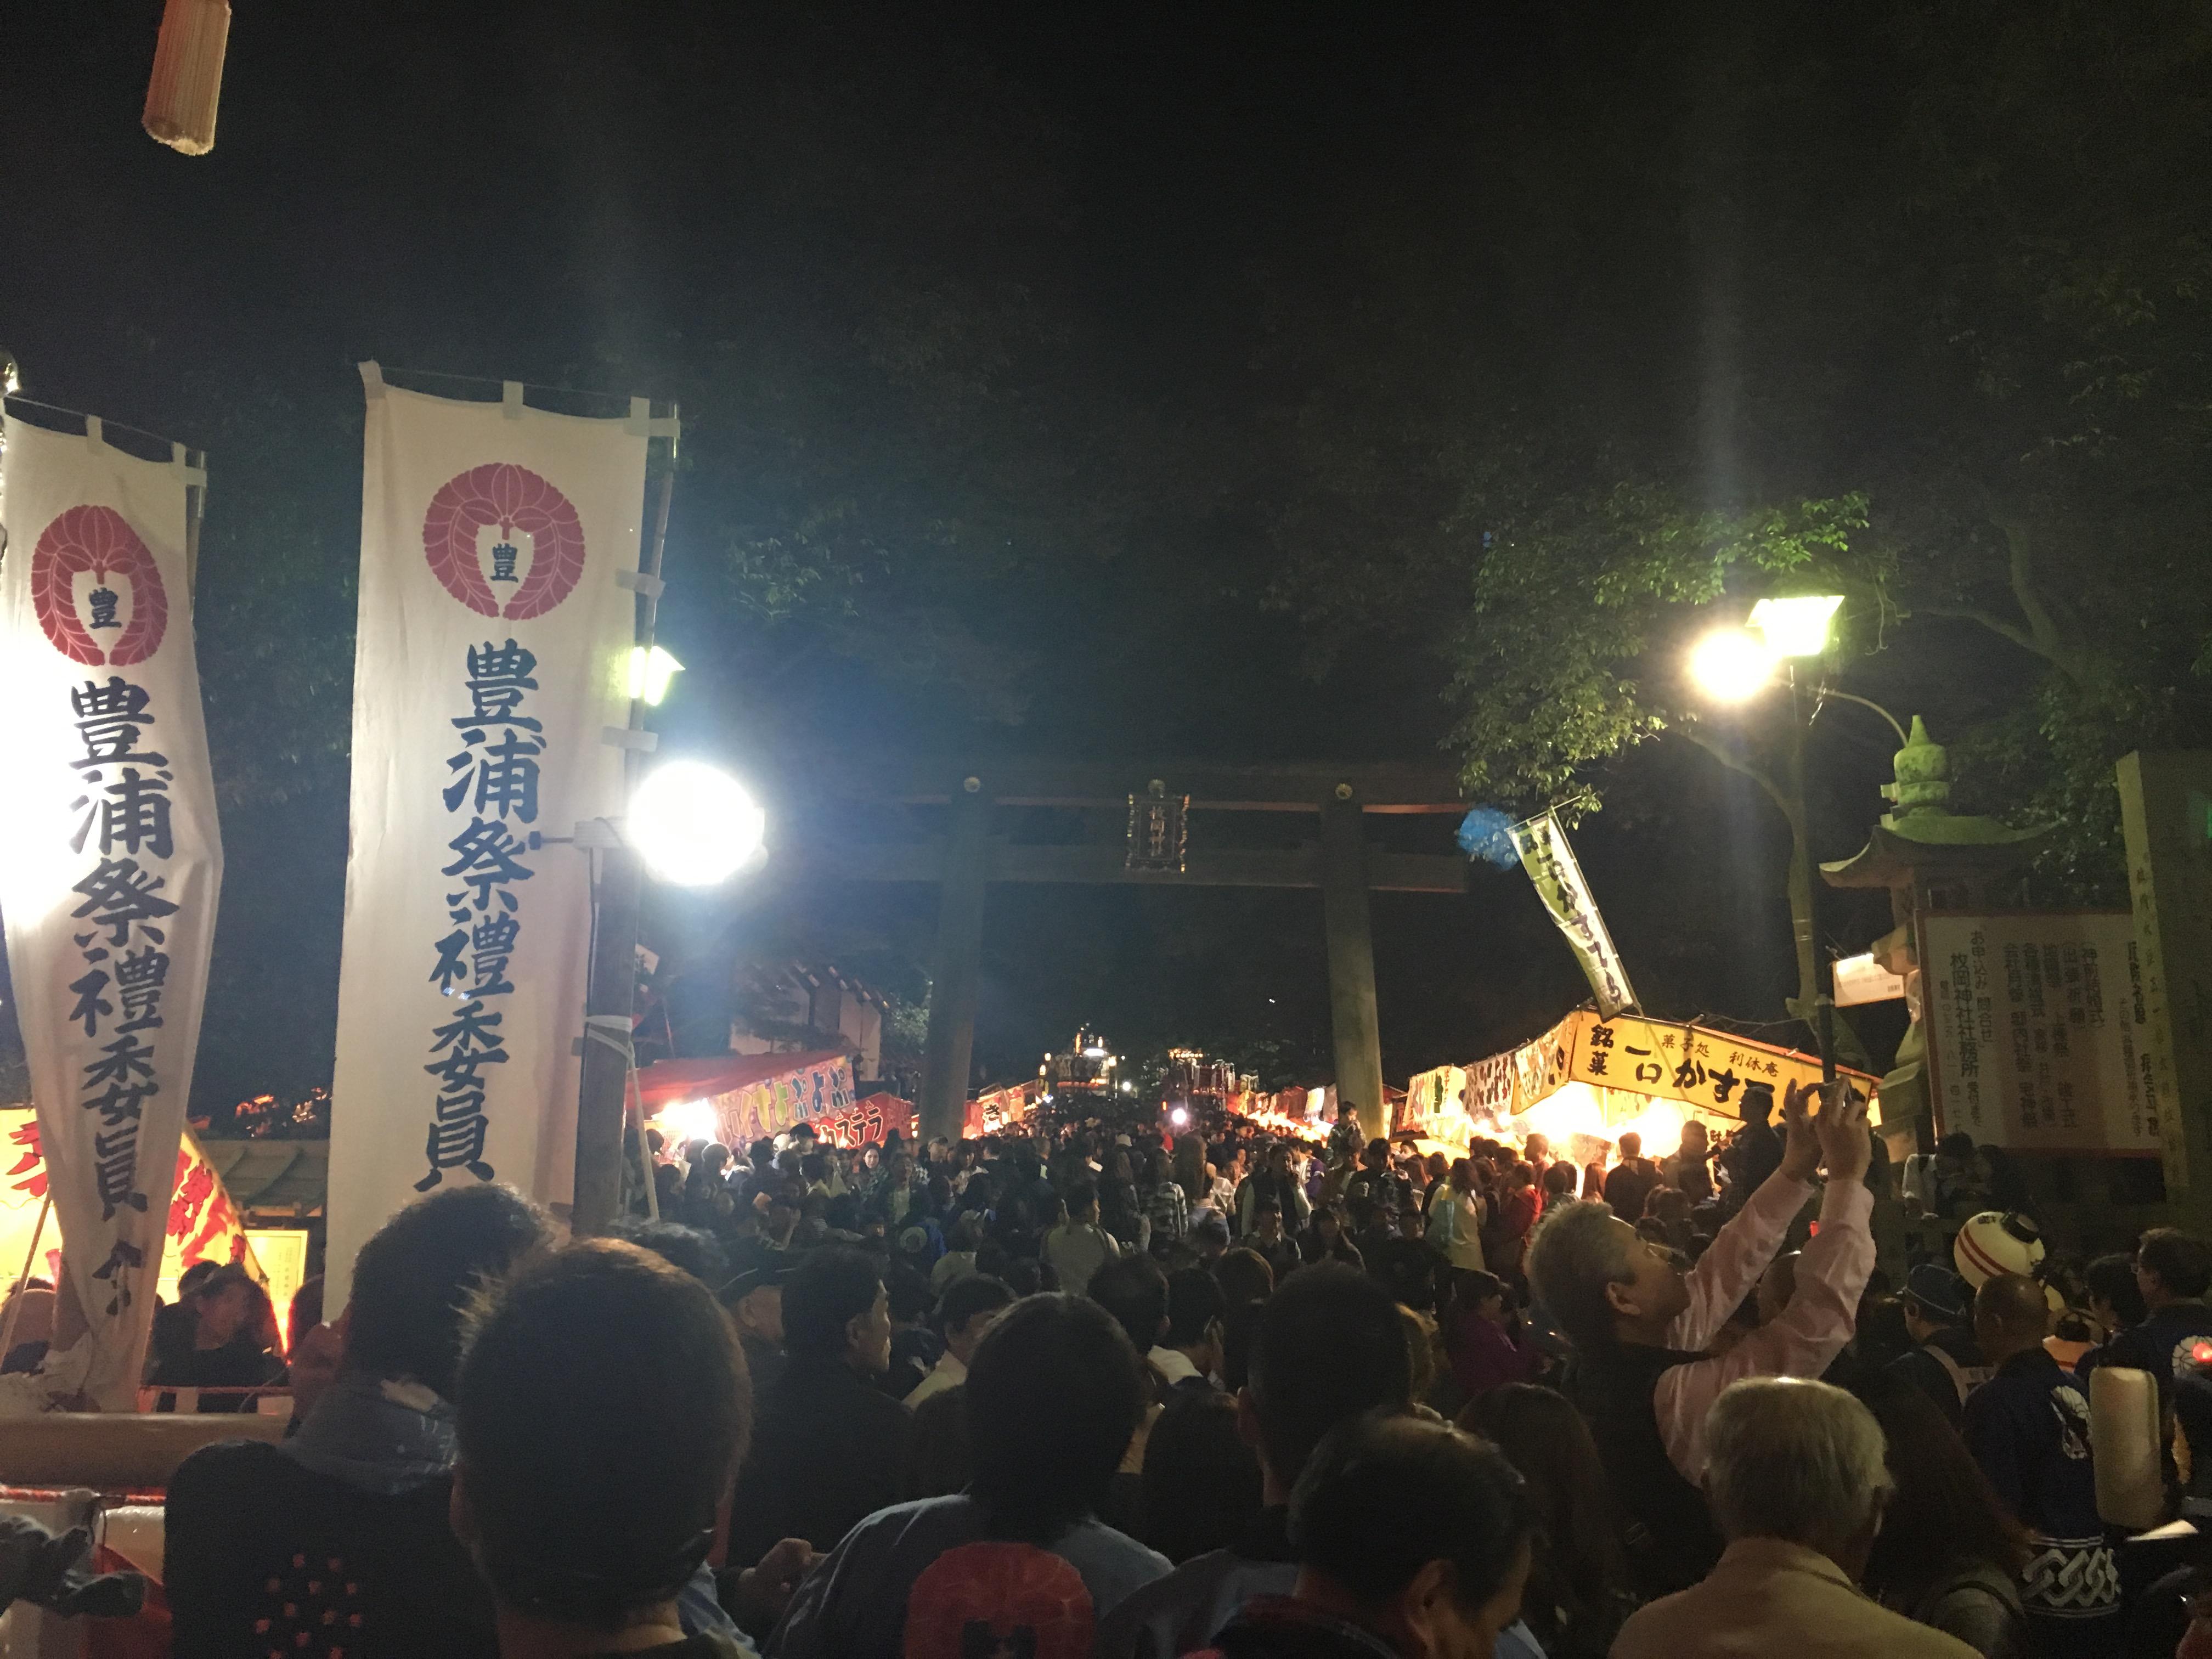 10月14日(金)、枚岡神社の秋祭り「秋郷祭」に行ってきた!